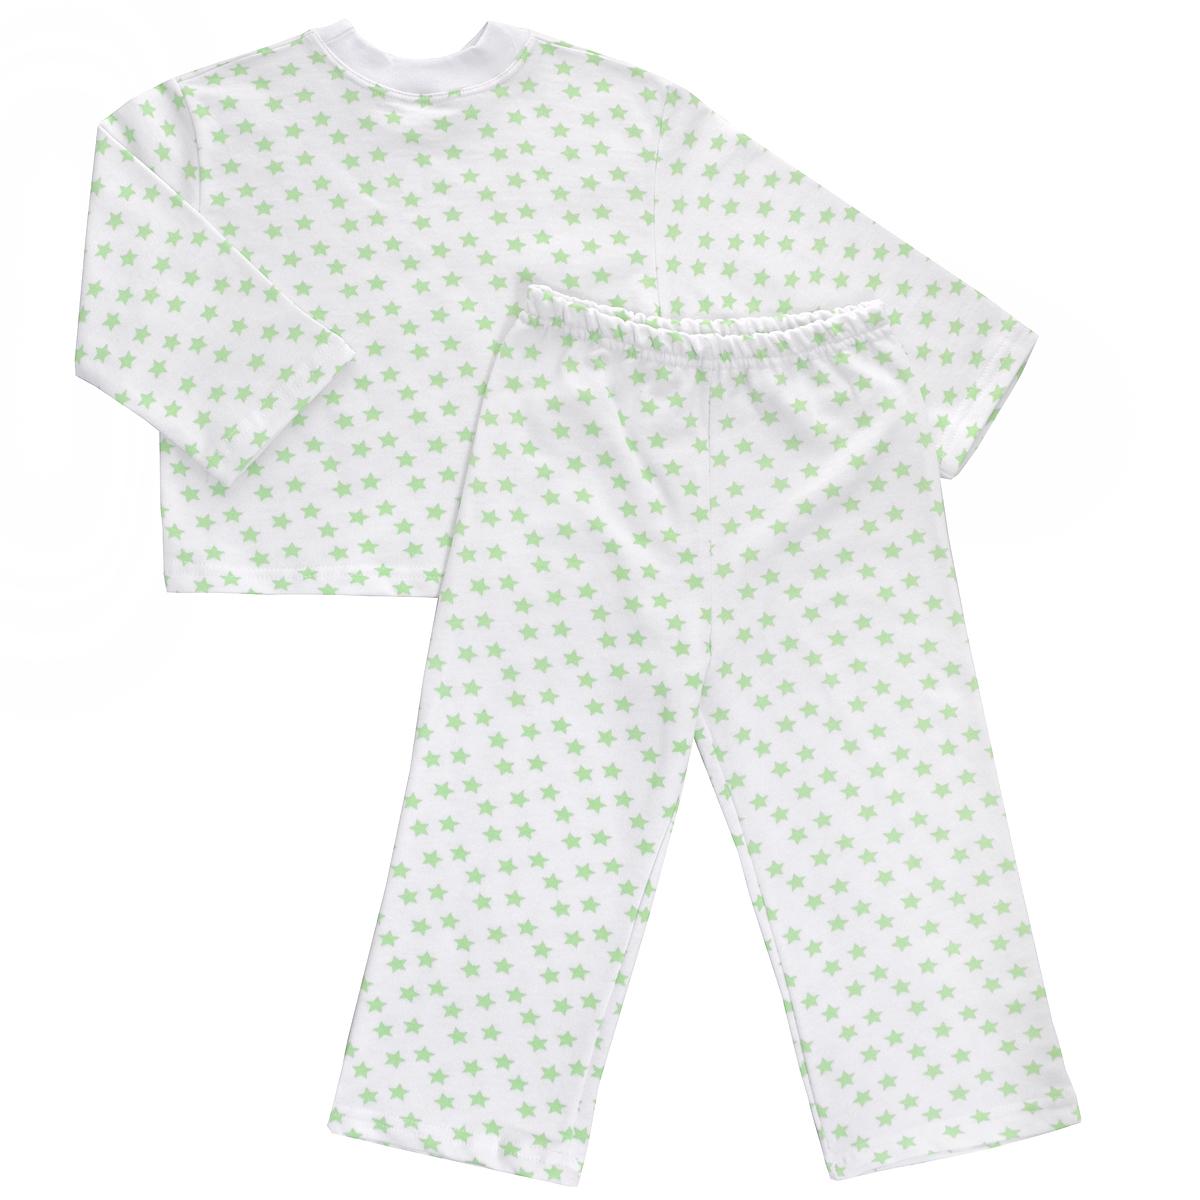 Пижама детская Трон-плюс, цвет: белый, салатовый, рисунок звезды. 5553. Размер 80/86, 1-2 года